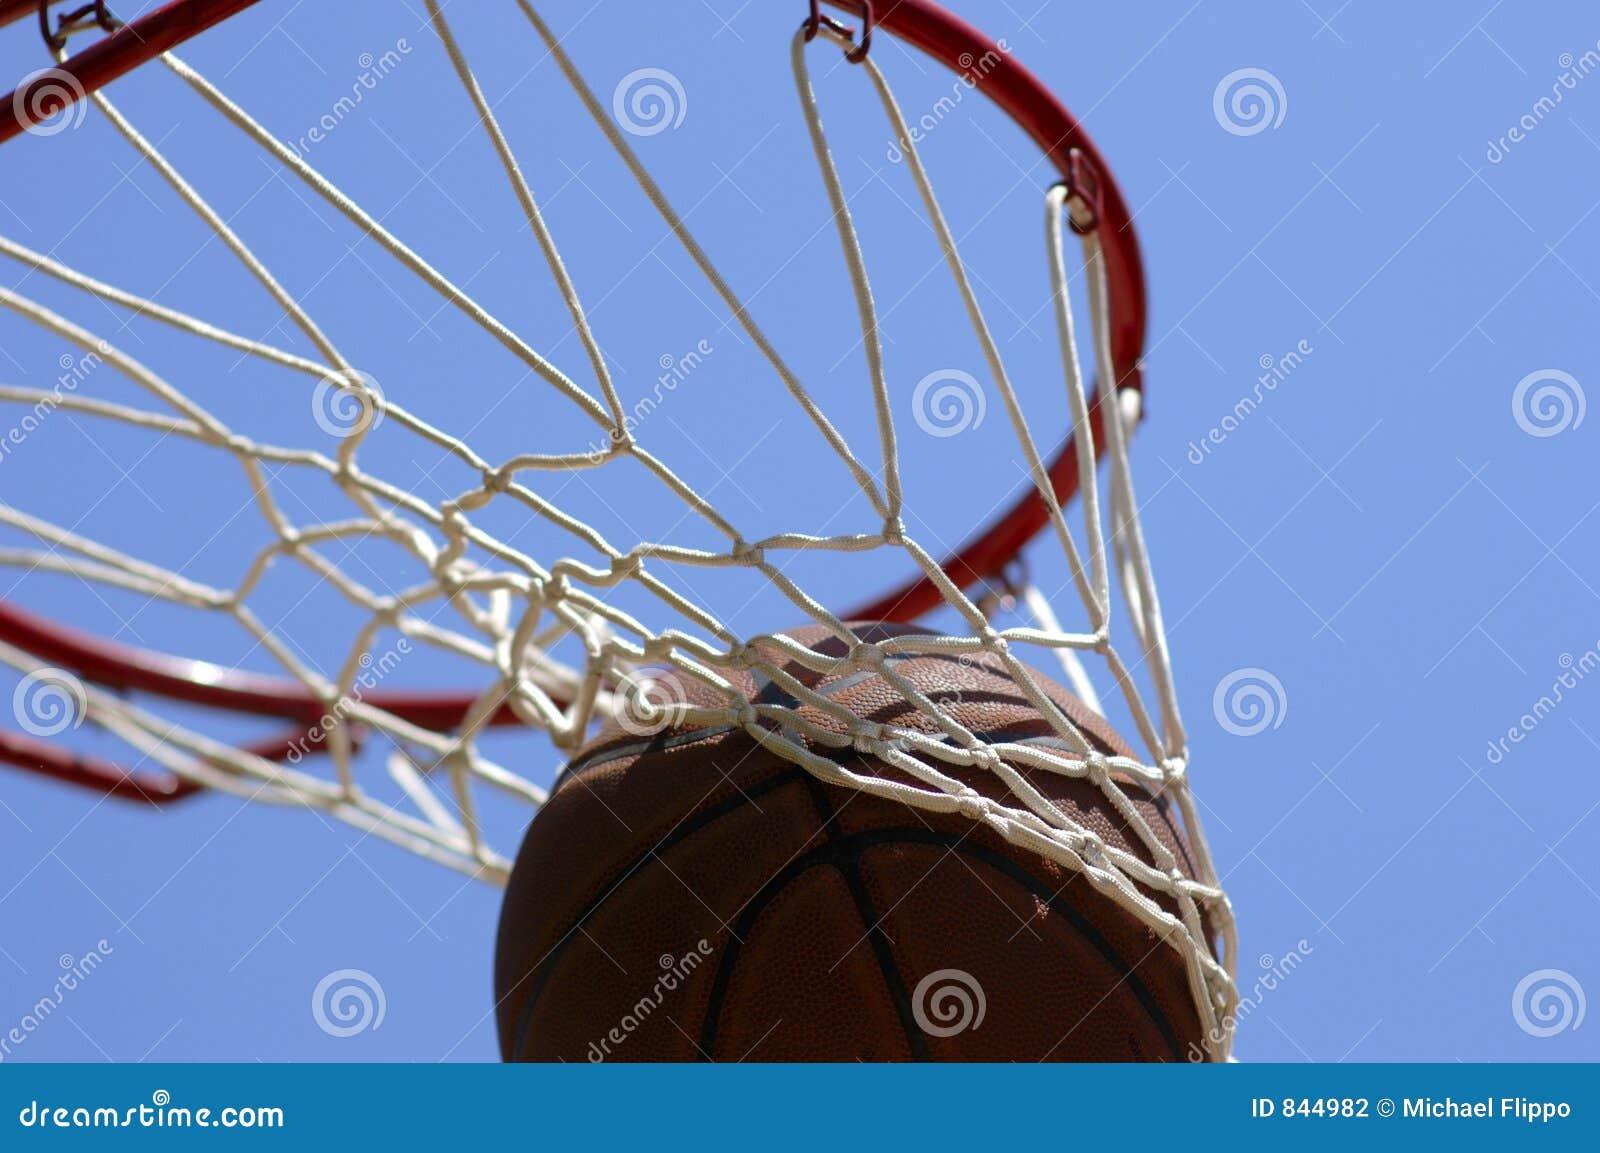 Basketball going through net